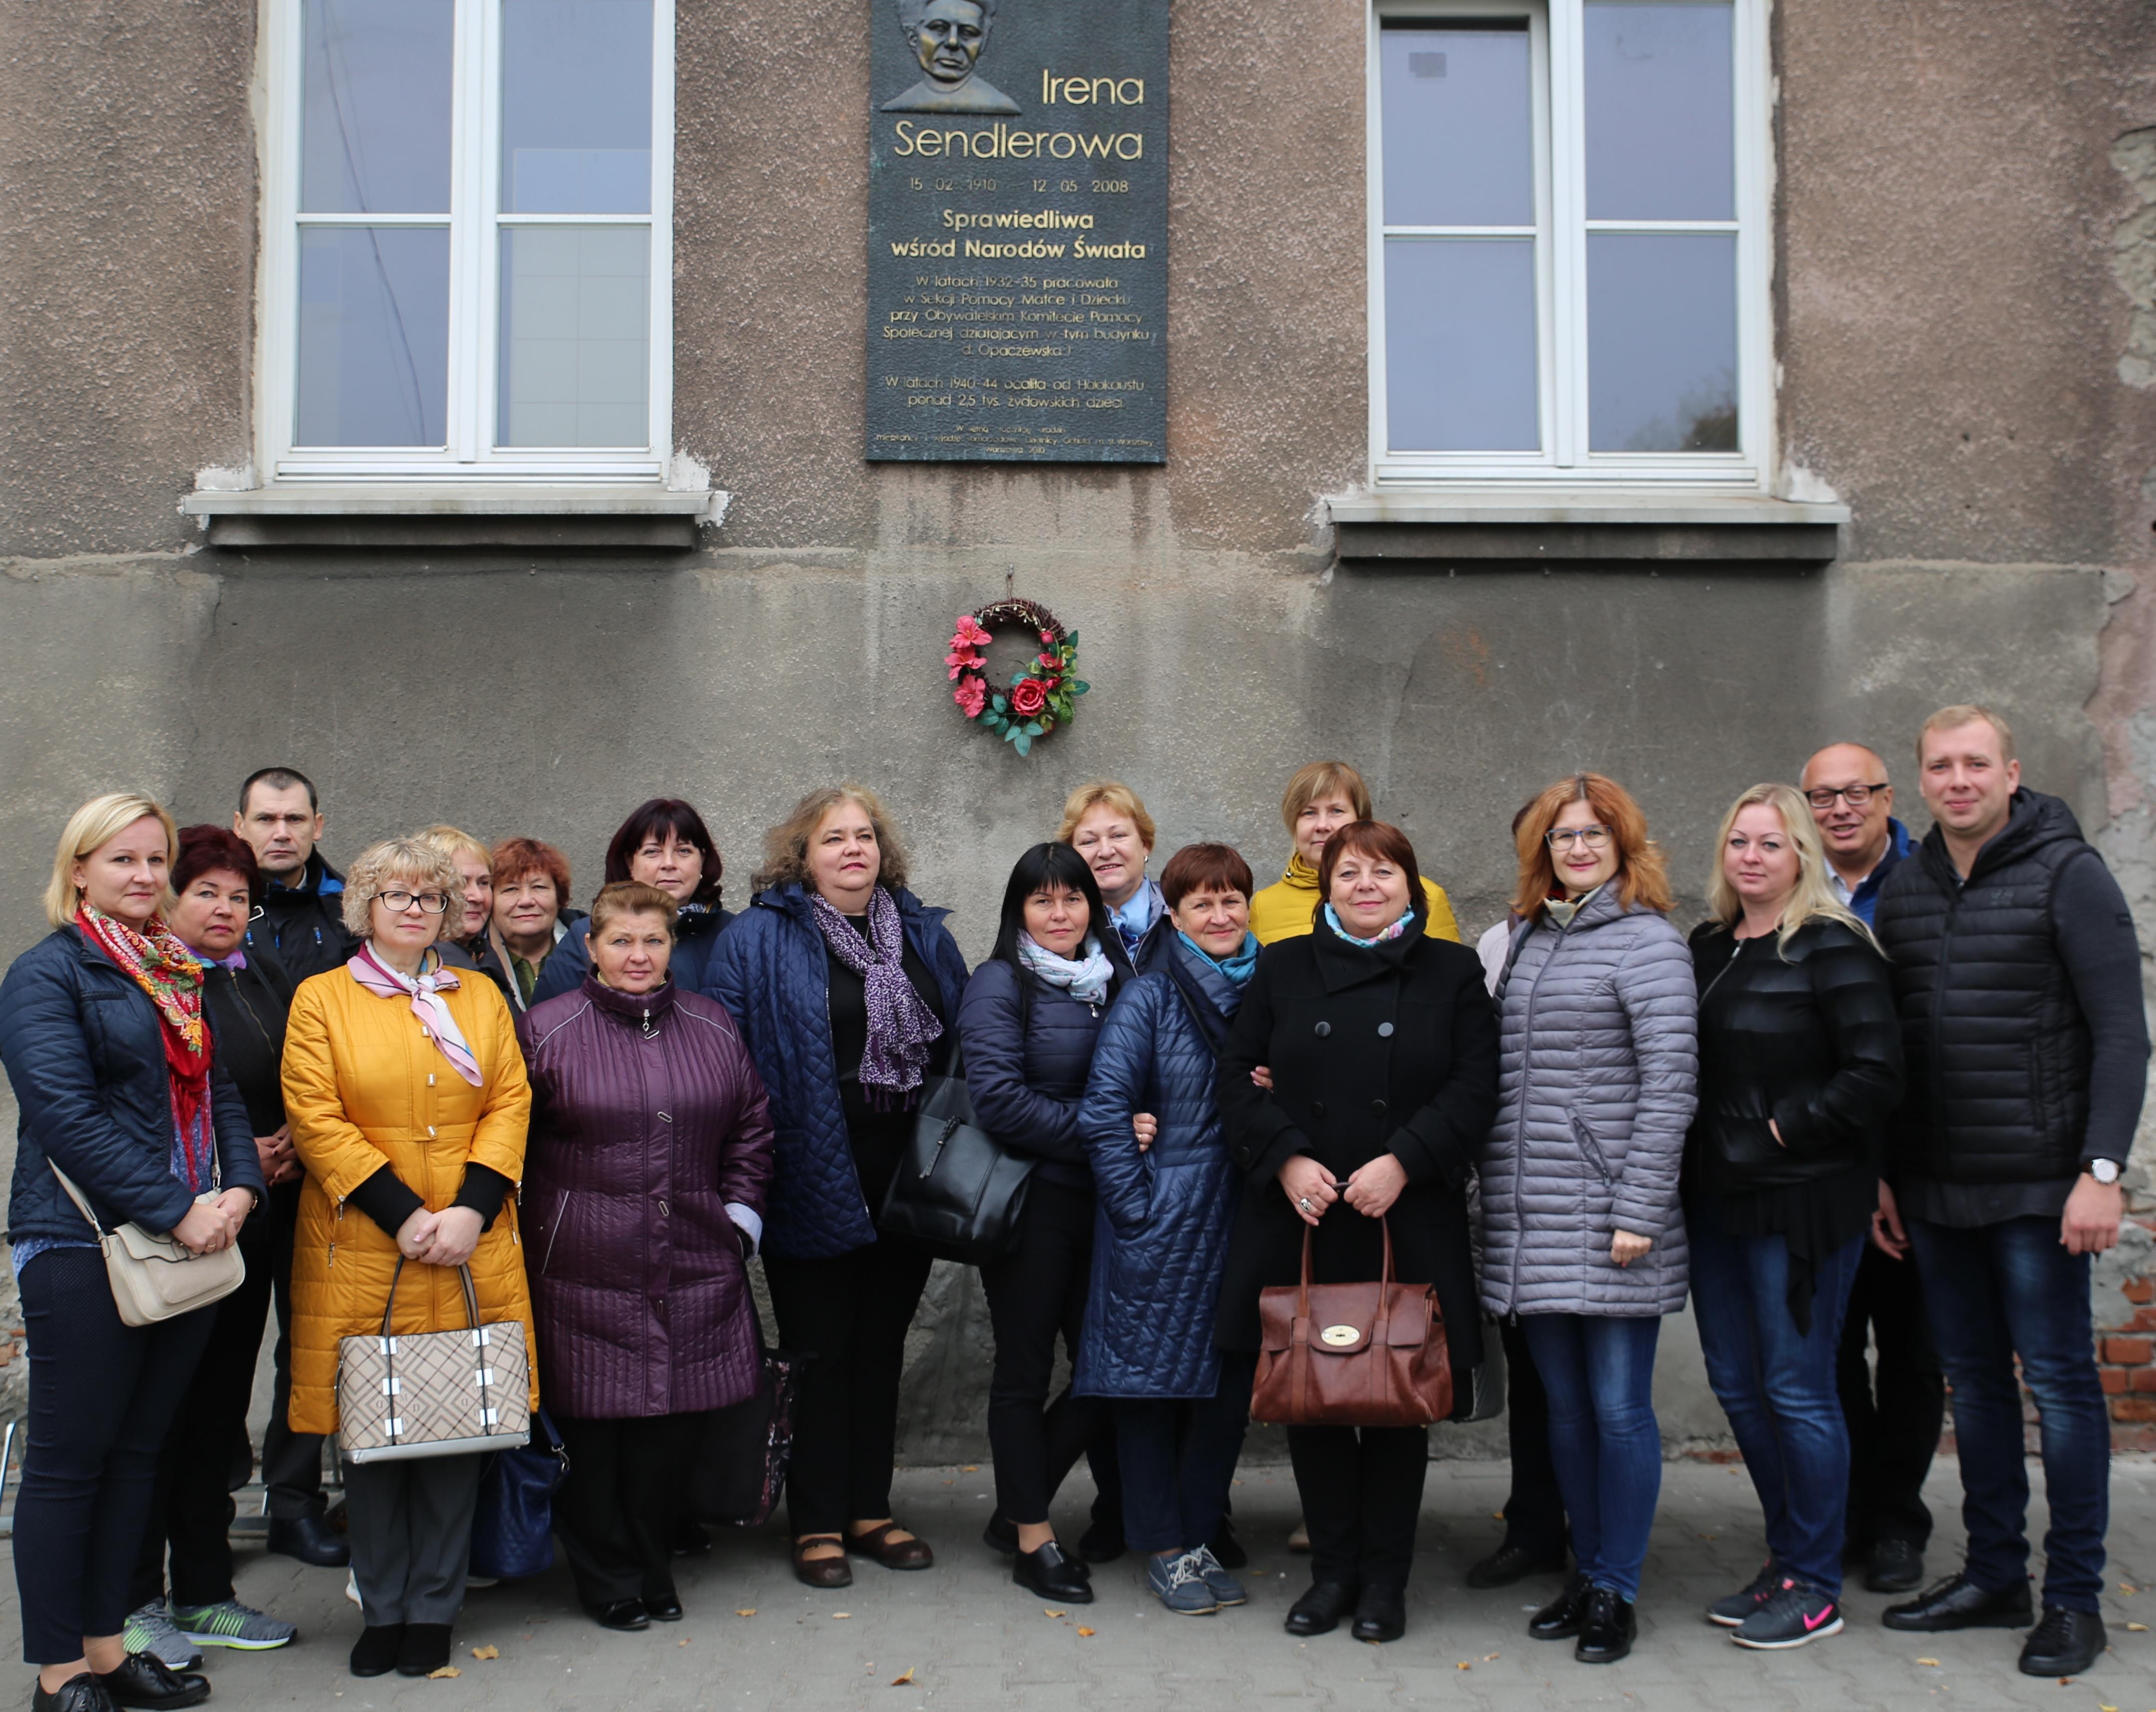 Sendlerowej w Warszawie